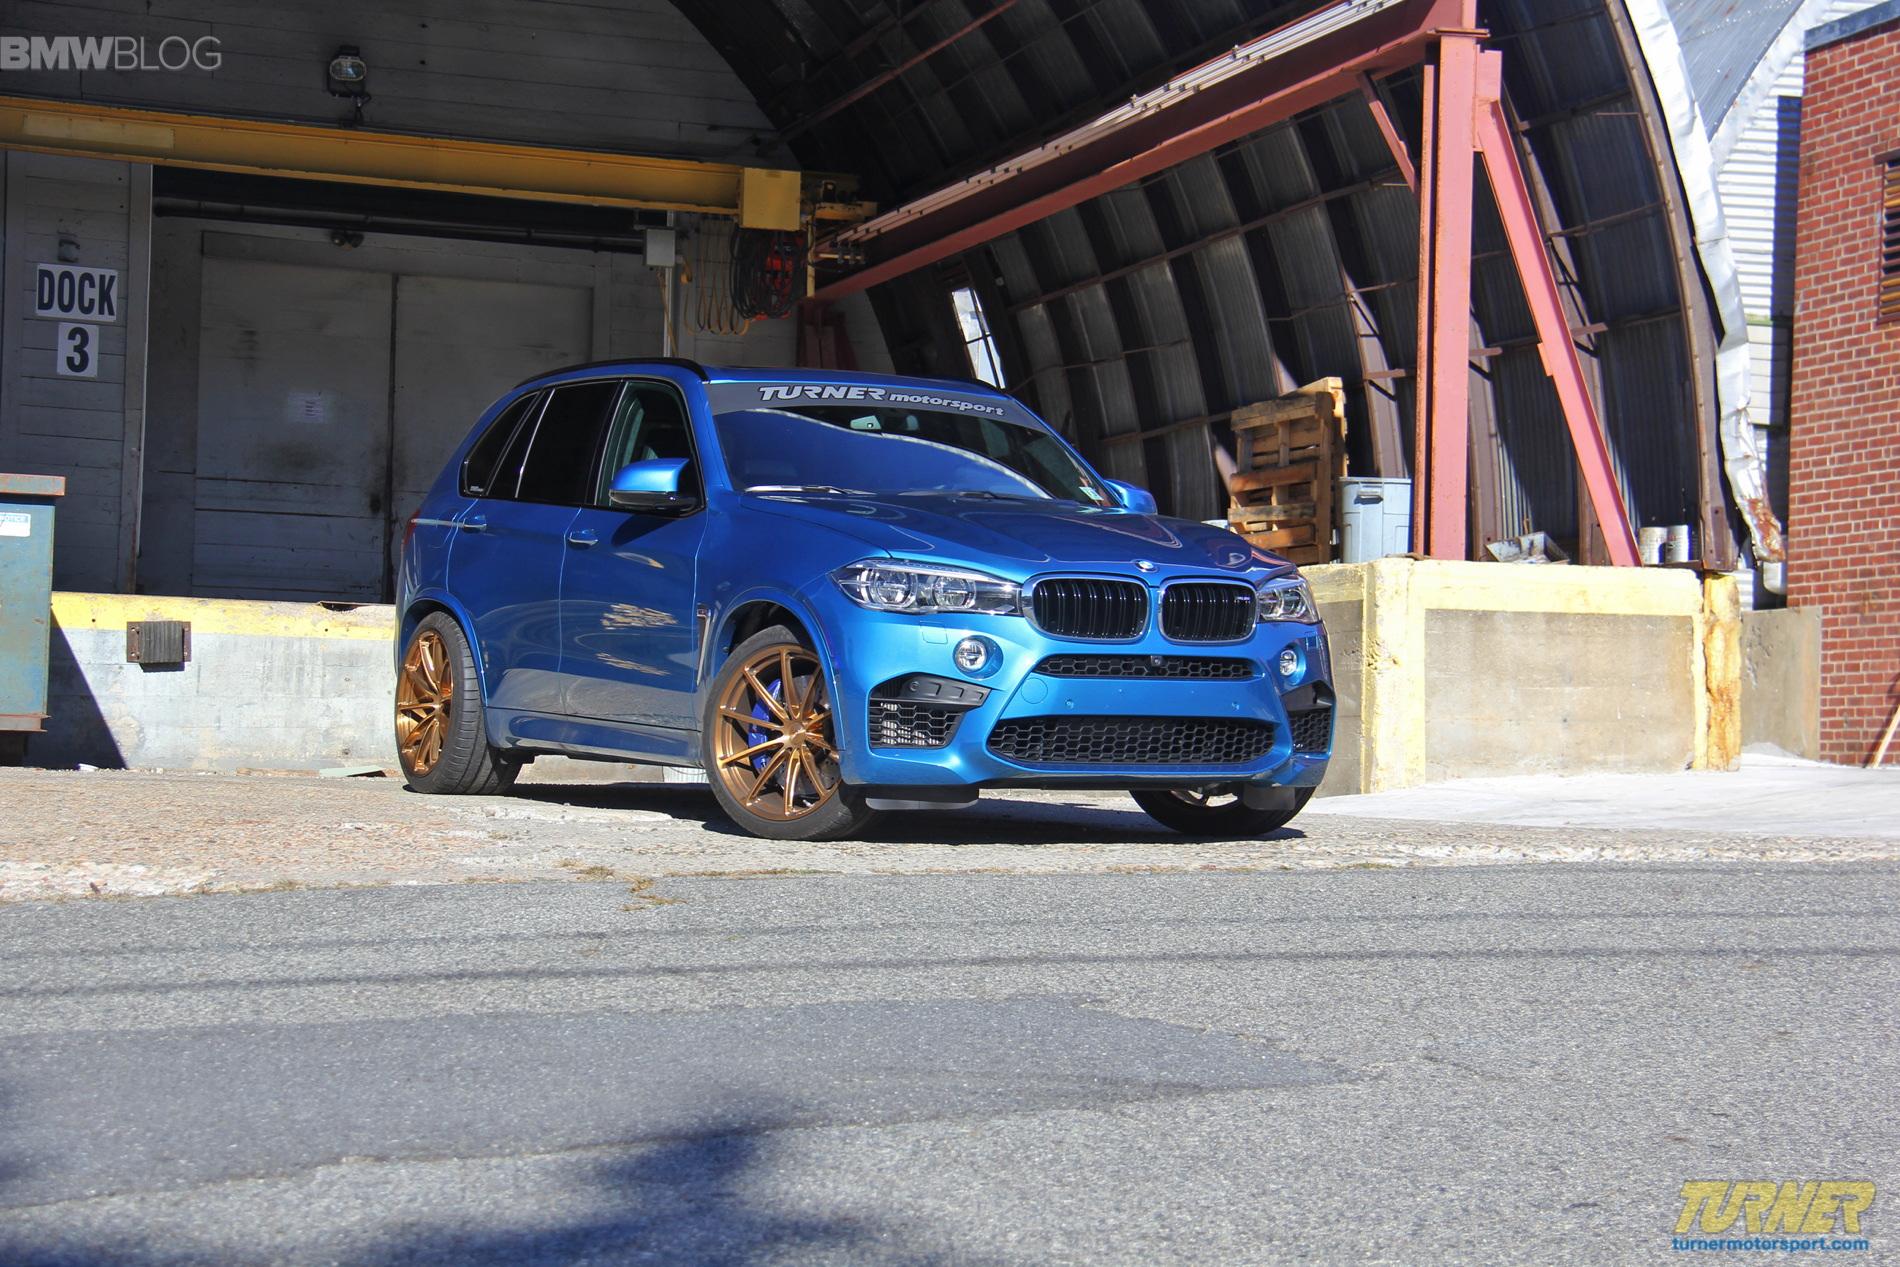 Turner F85 X5 M Project Car 01